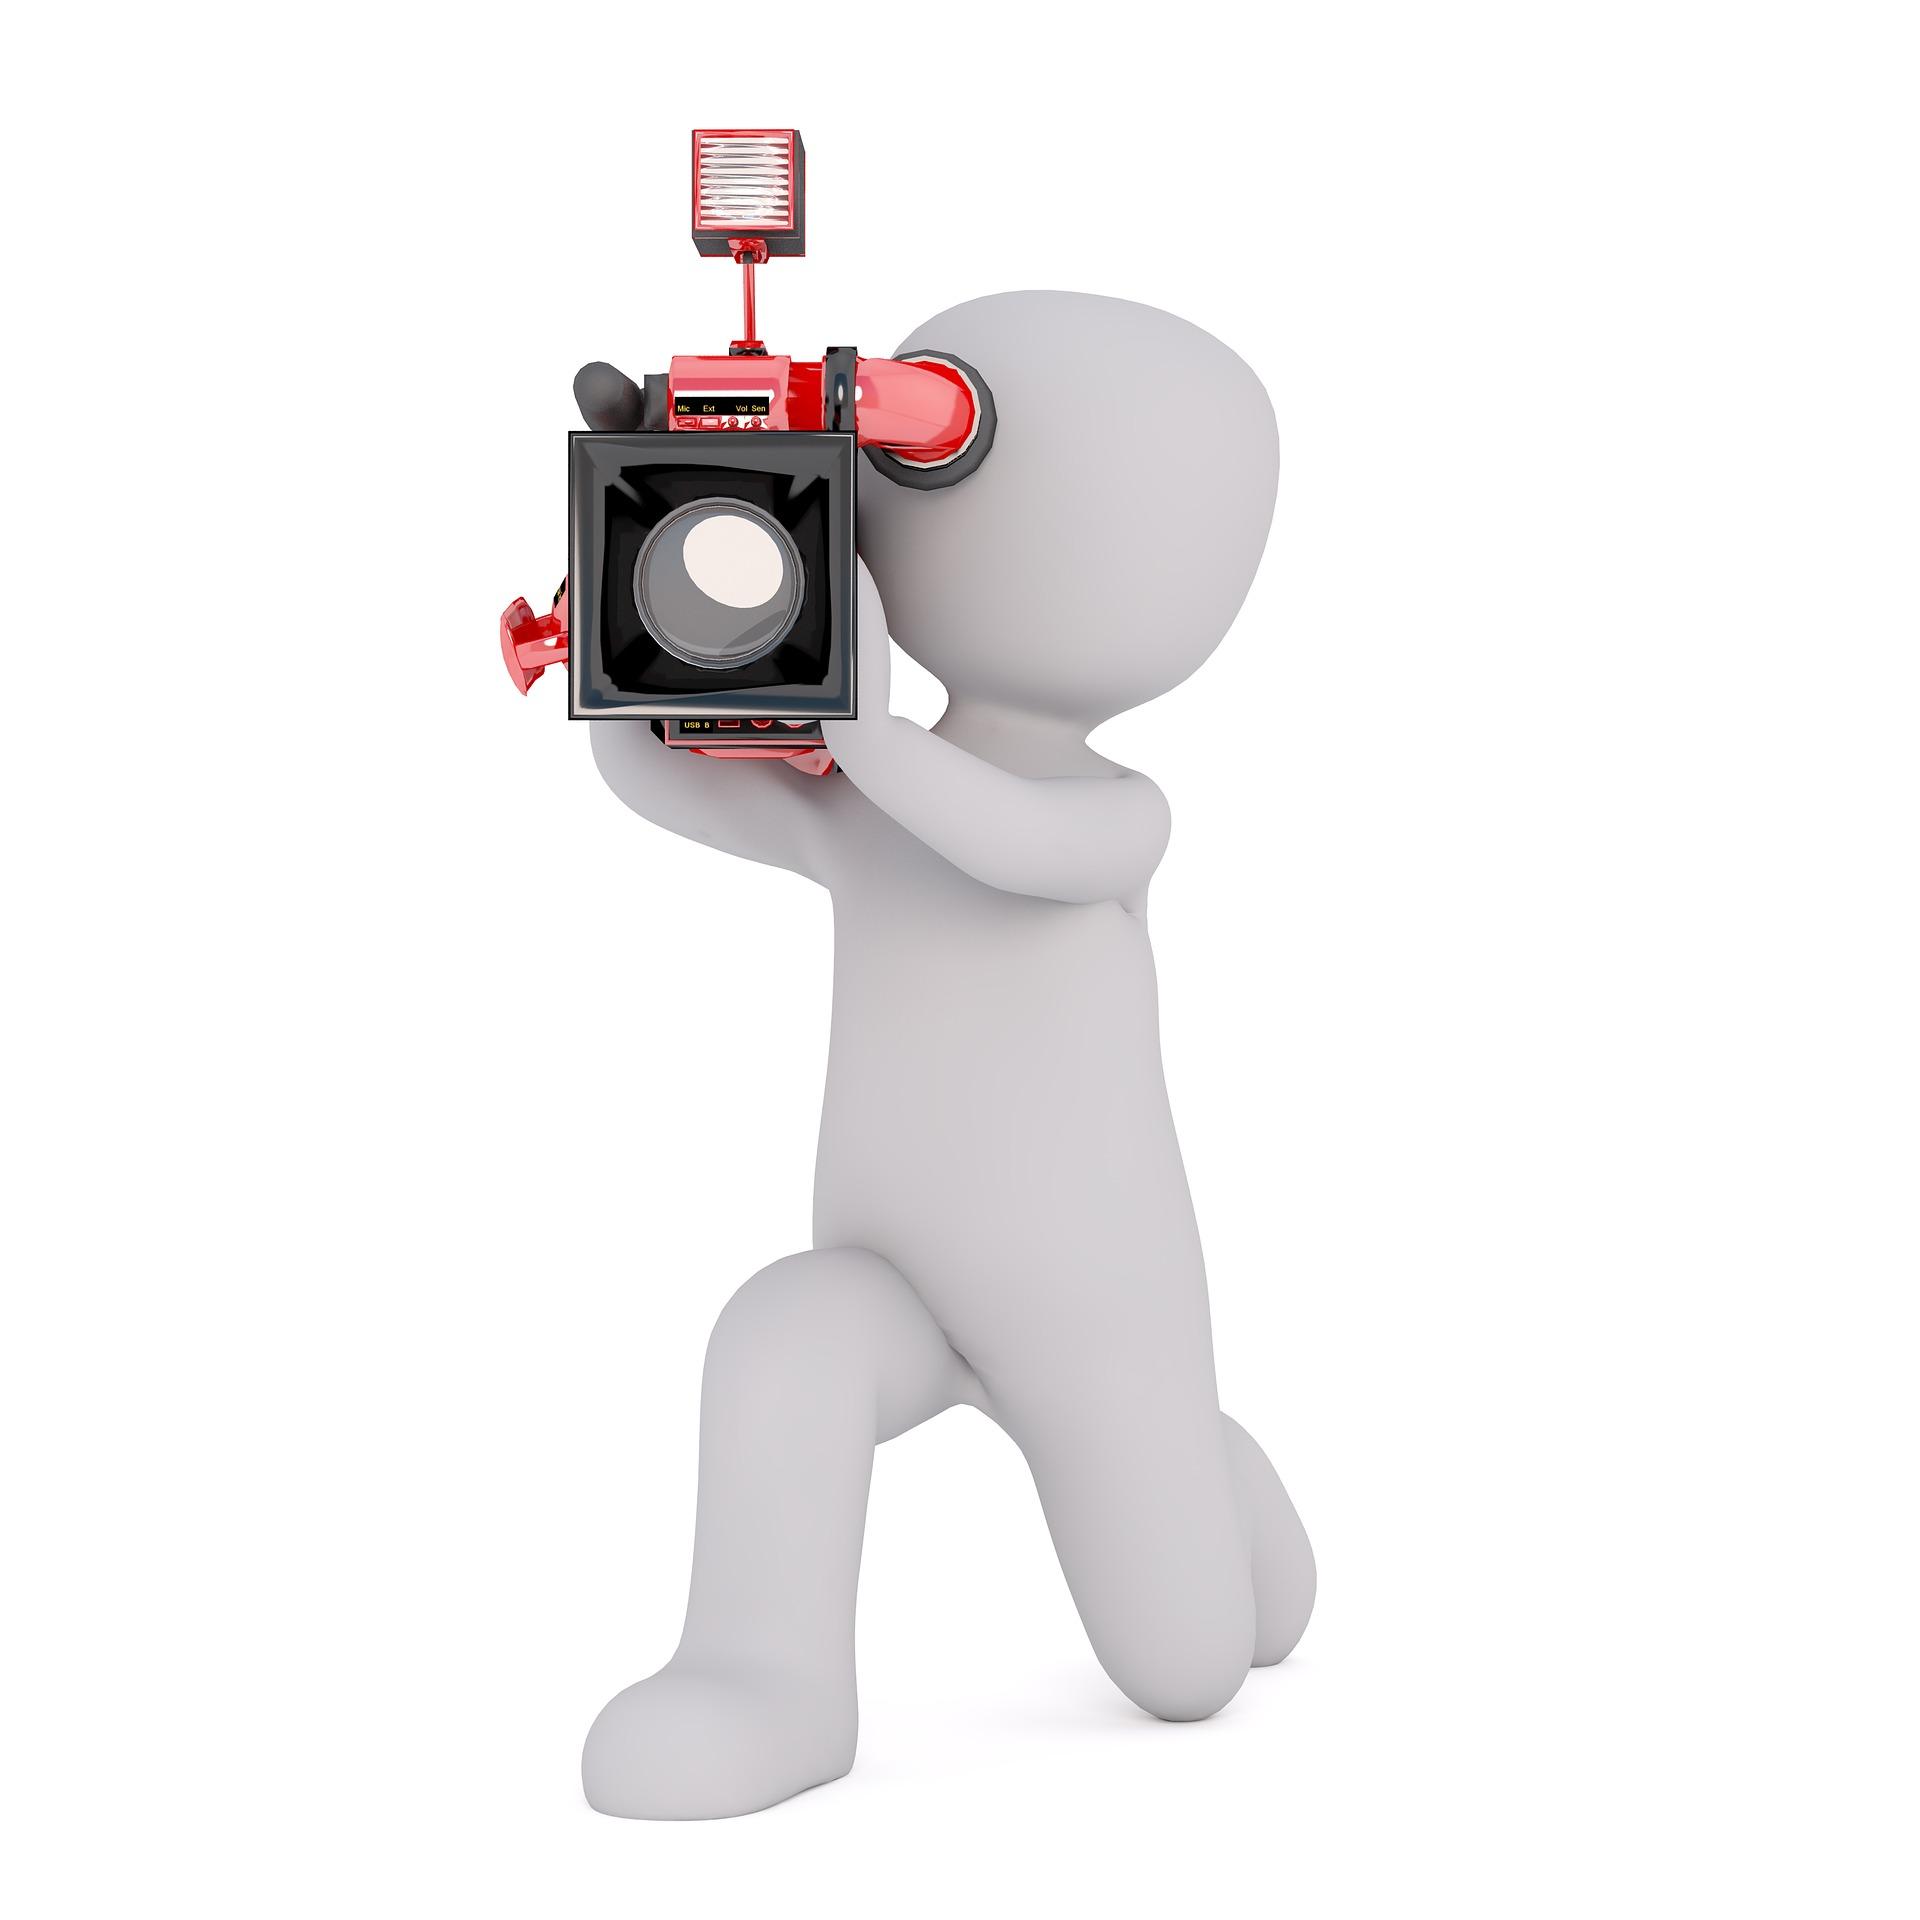 camera-1816352_1920.jpg